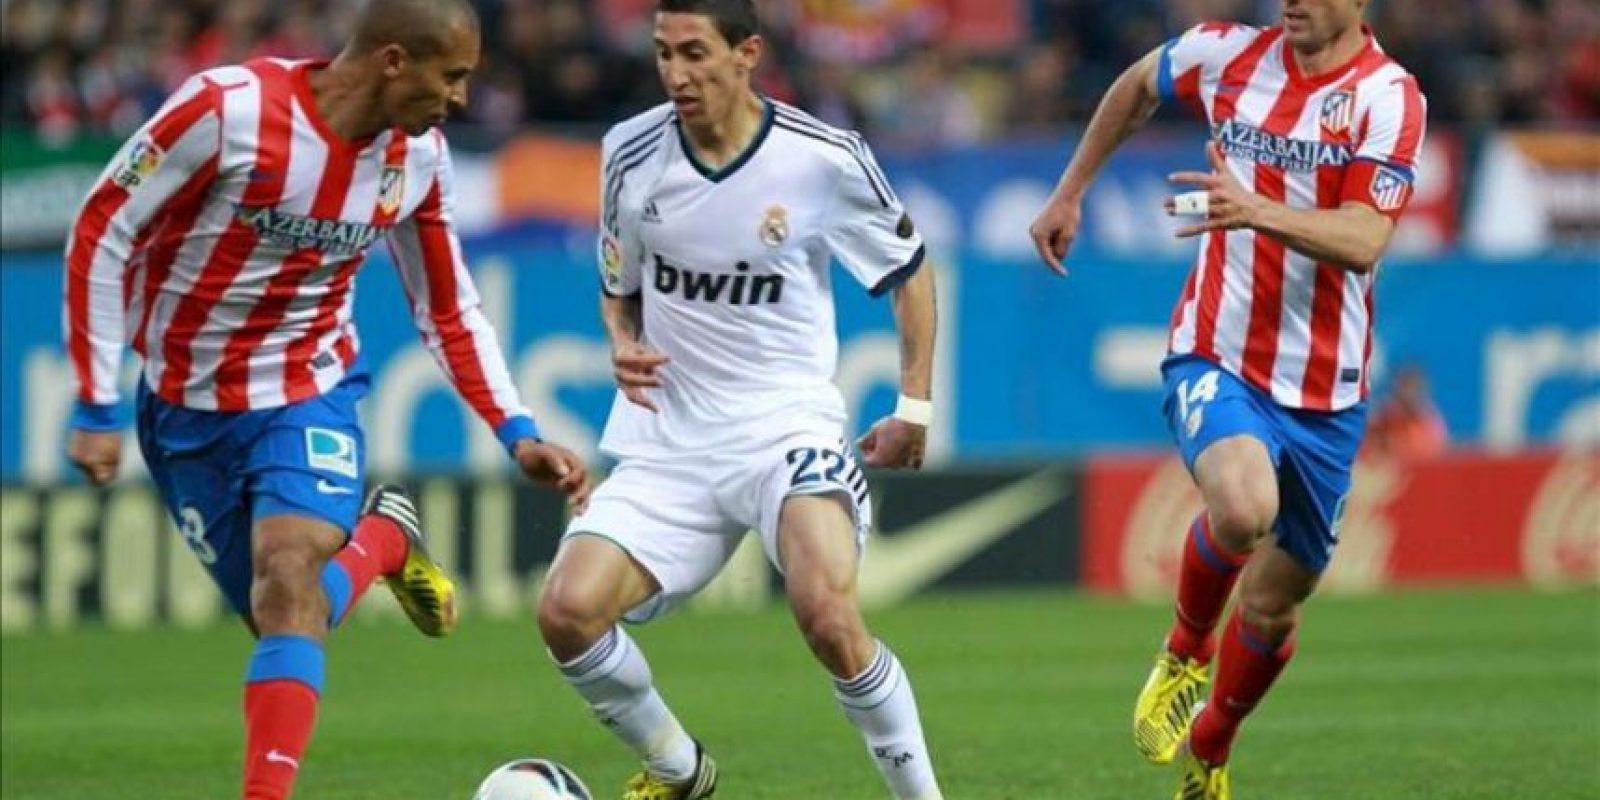 El centrocampista argentino del Real Madrid Angel di Maria (c) controla el balón ante los jugadores del Atlético de Madrid Joao Miranda (i) y Gabi Fernández en el partido de la trigésima tercera jornada de liga en Primera División que se disputó en el estadio Vicente Calderón. EFE